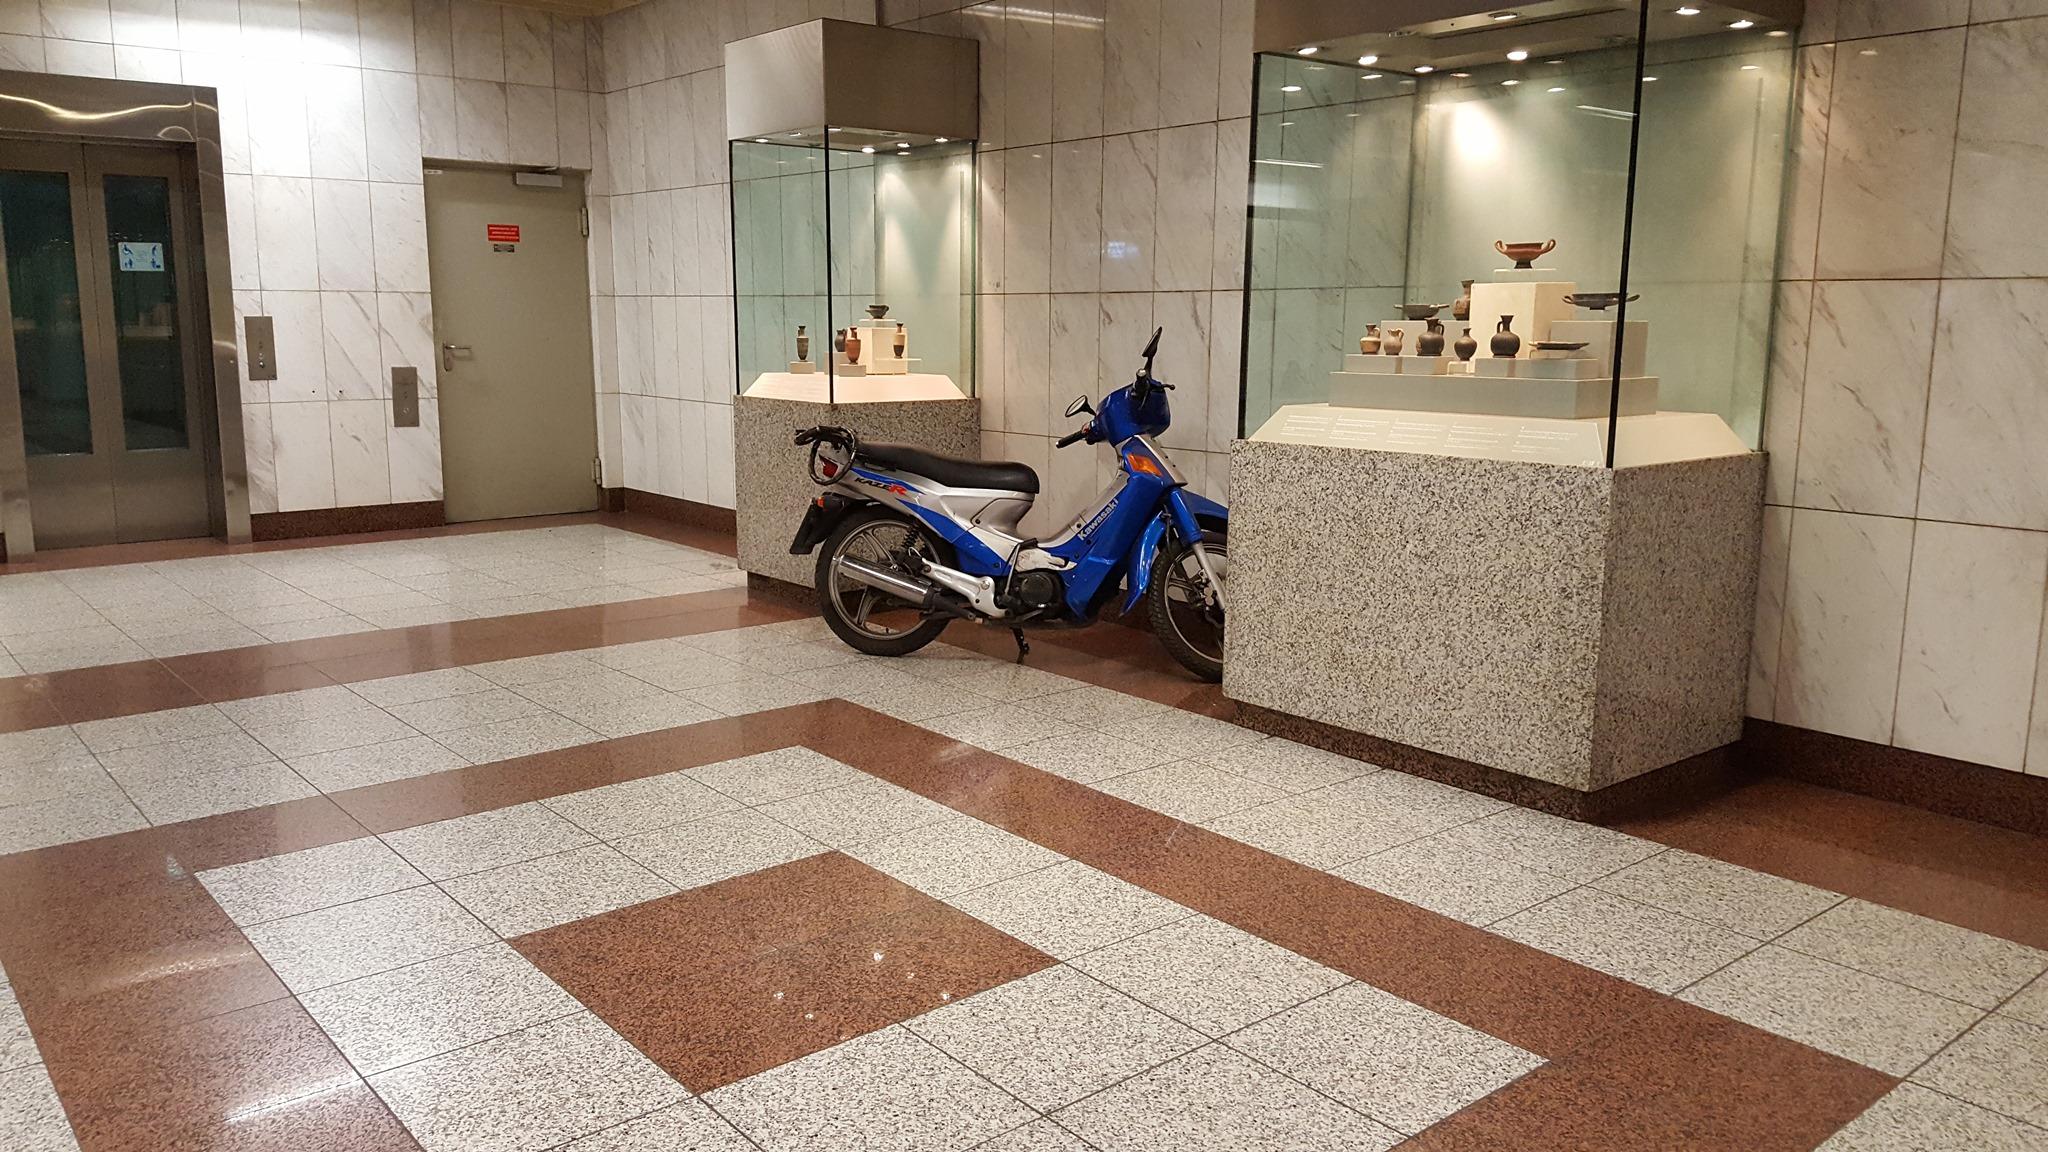 Πάρκαρε το μηχανάκι του μέσα στον σταθμό του μετρό Πανεπιστήμιο